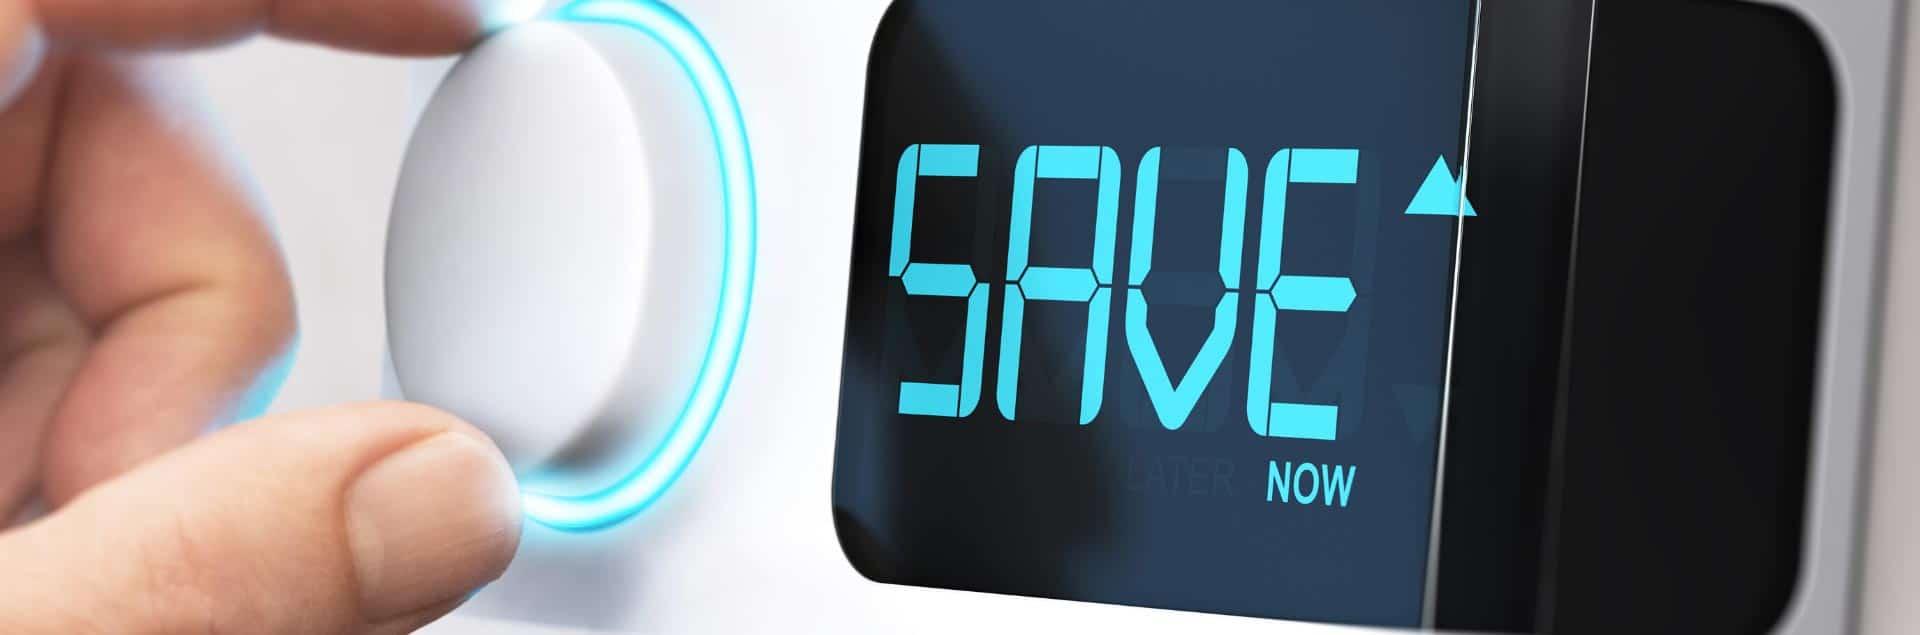 Website Slider - Save